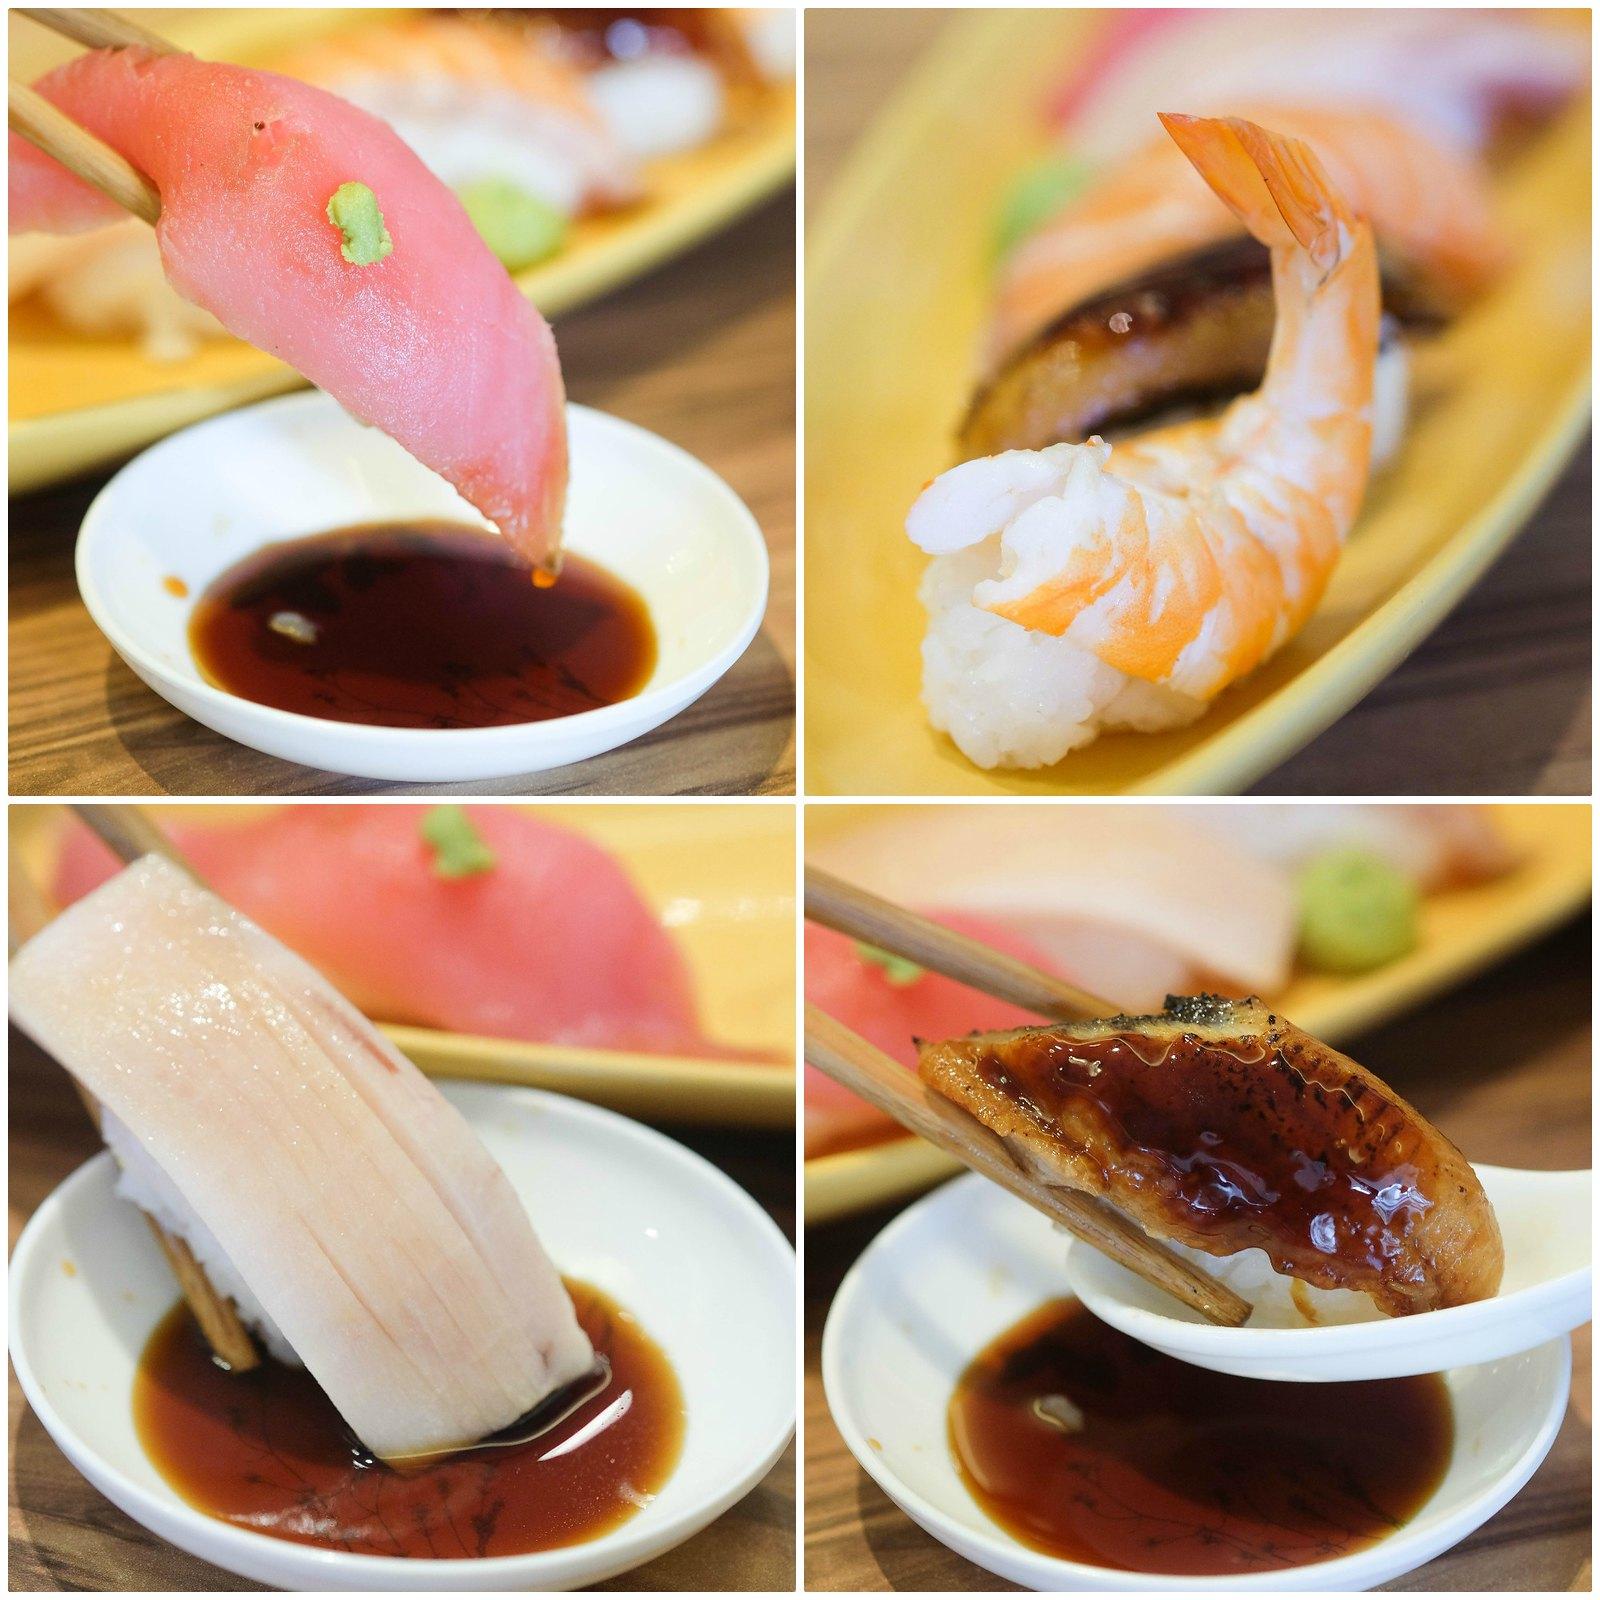 区寿司拼贴2